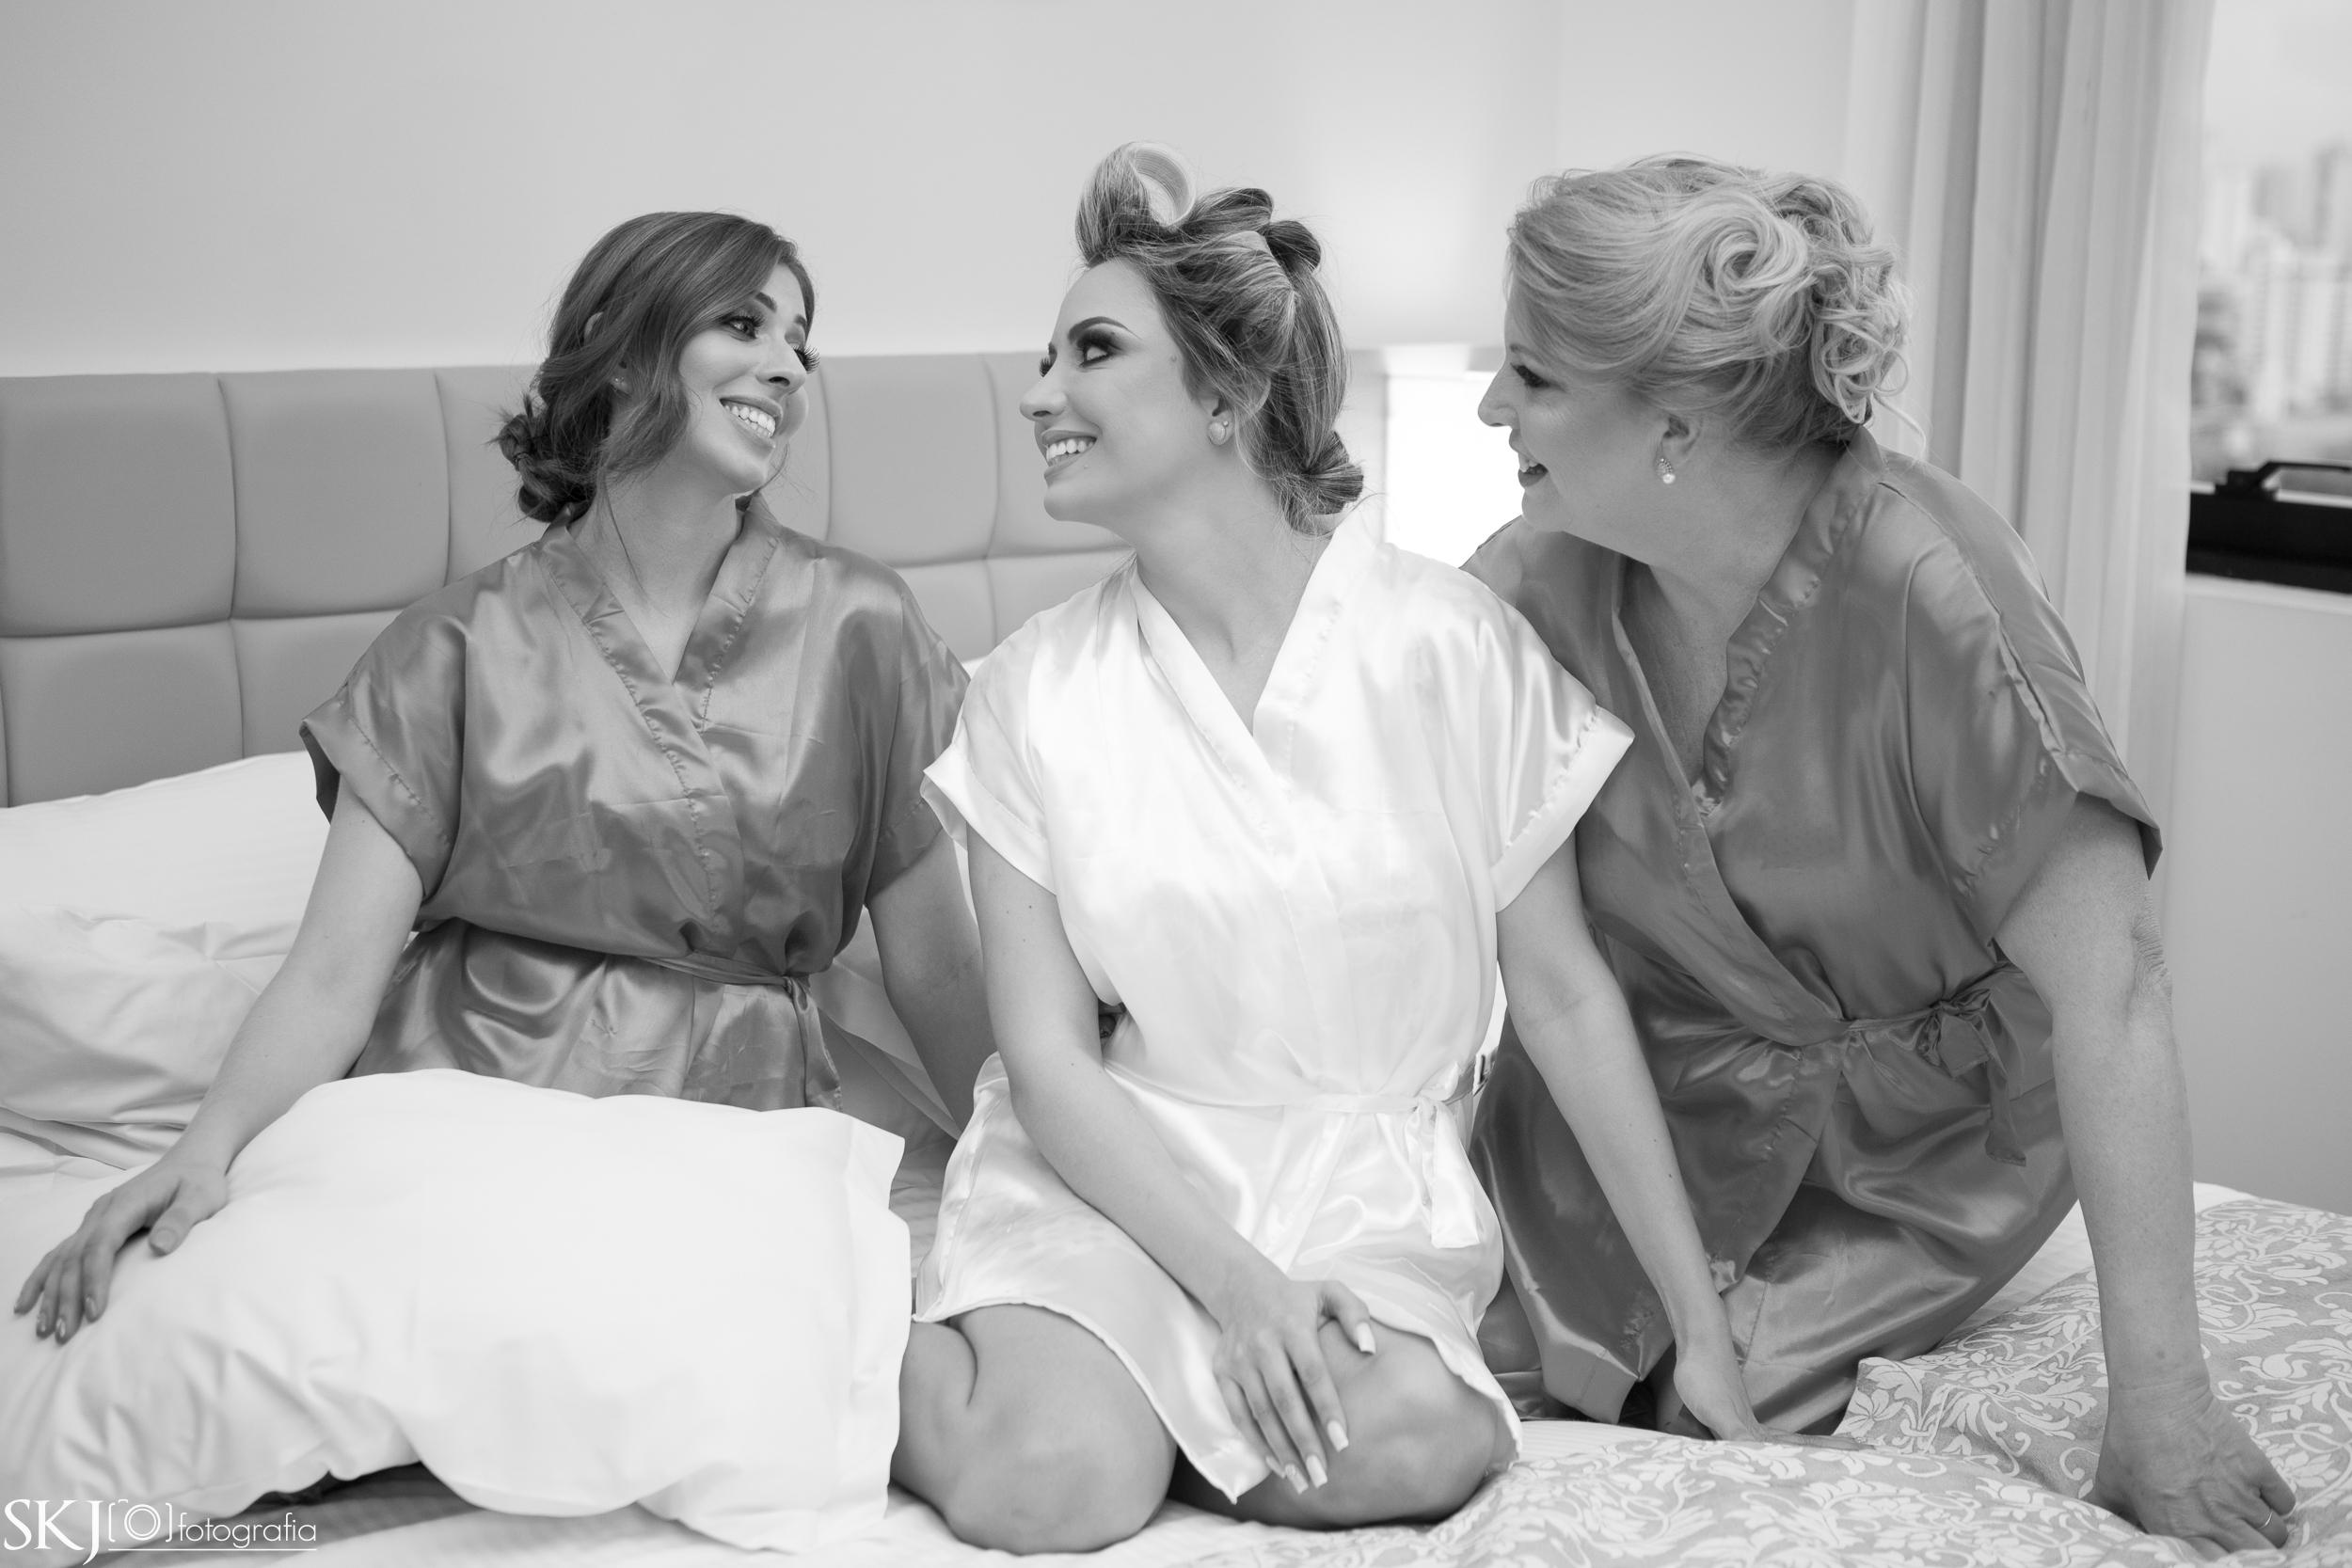 Sobre Fotógrafo de casamento - São Paulo - SP - SKJ Fotografia